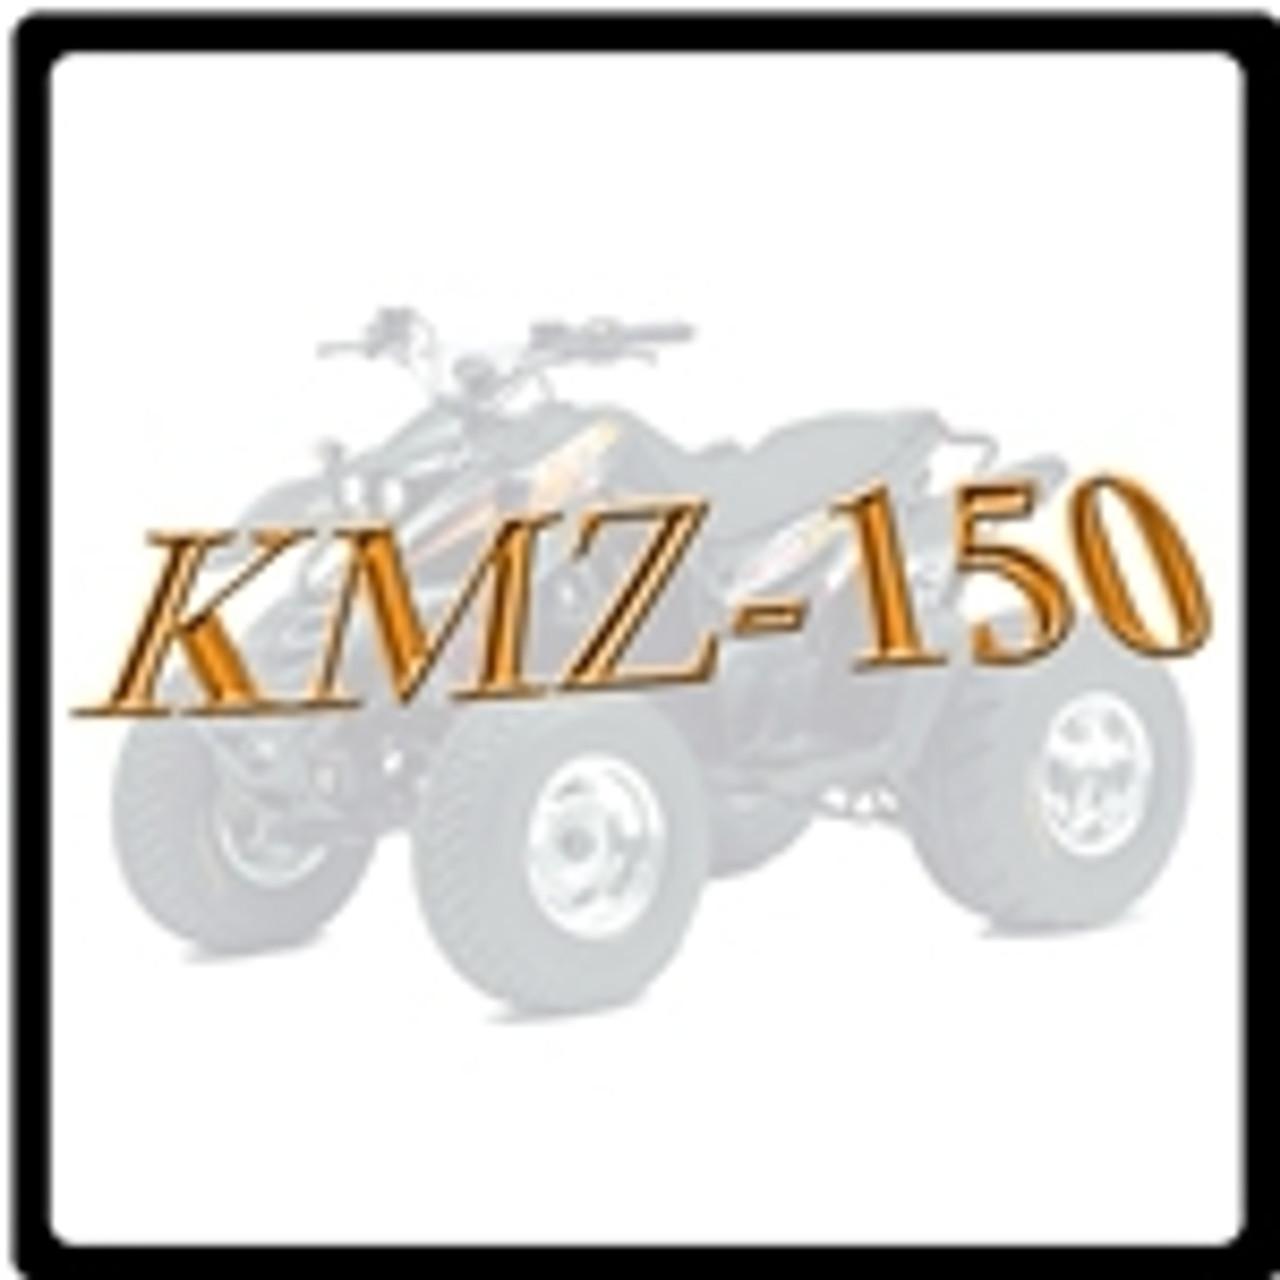 KMZ-150